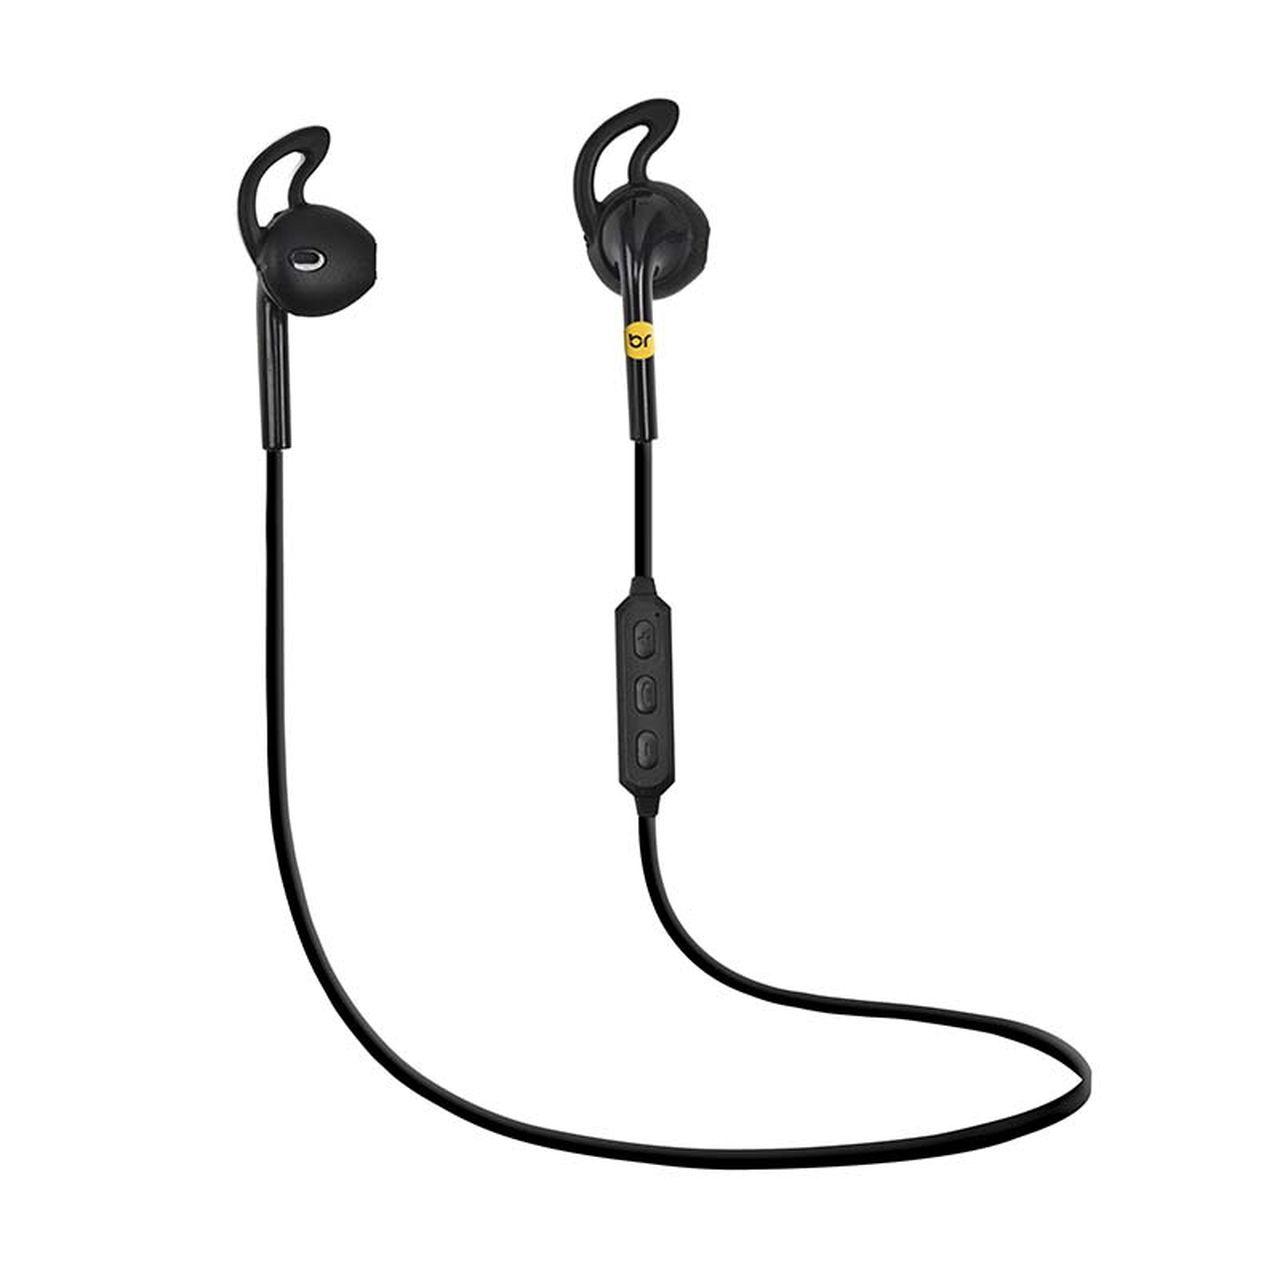 Fone de Ouvido sem fio Bluetooth controle volume e chamada telefônica preto 481 - Bright